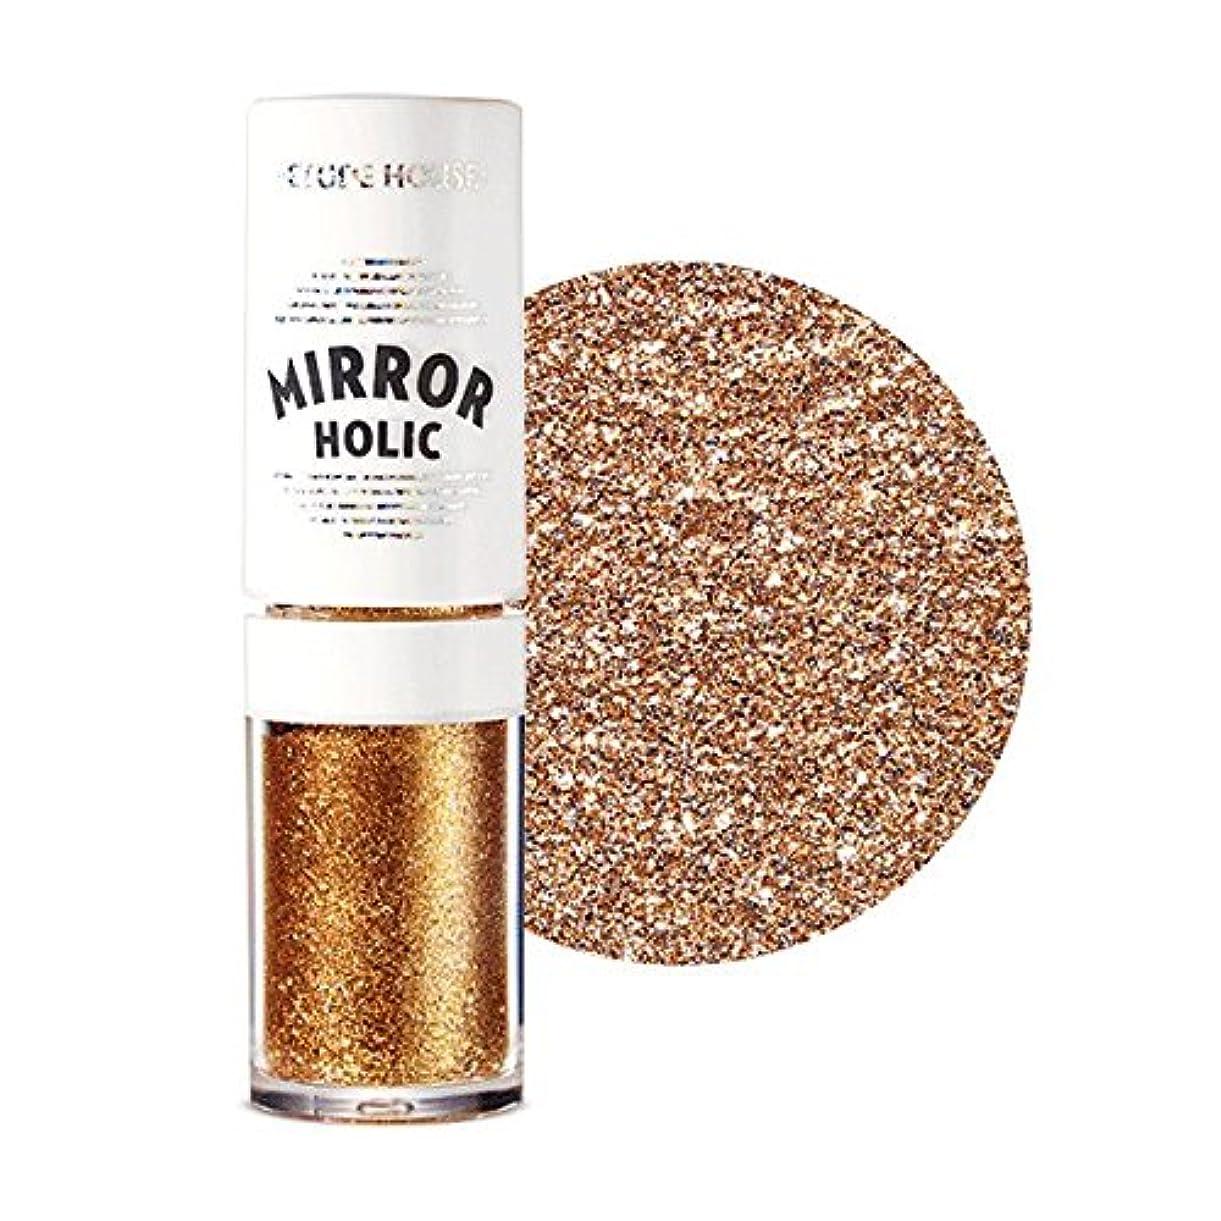 加速度形式旅行代理店ETUDE HOUSE Mirror Holic Liquid Eyes / エチュードハウス ミラーホリックリキッドアイズ ミラーホリックリキッドアイズ (BE102) [並行輸入品]